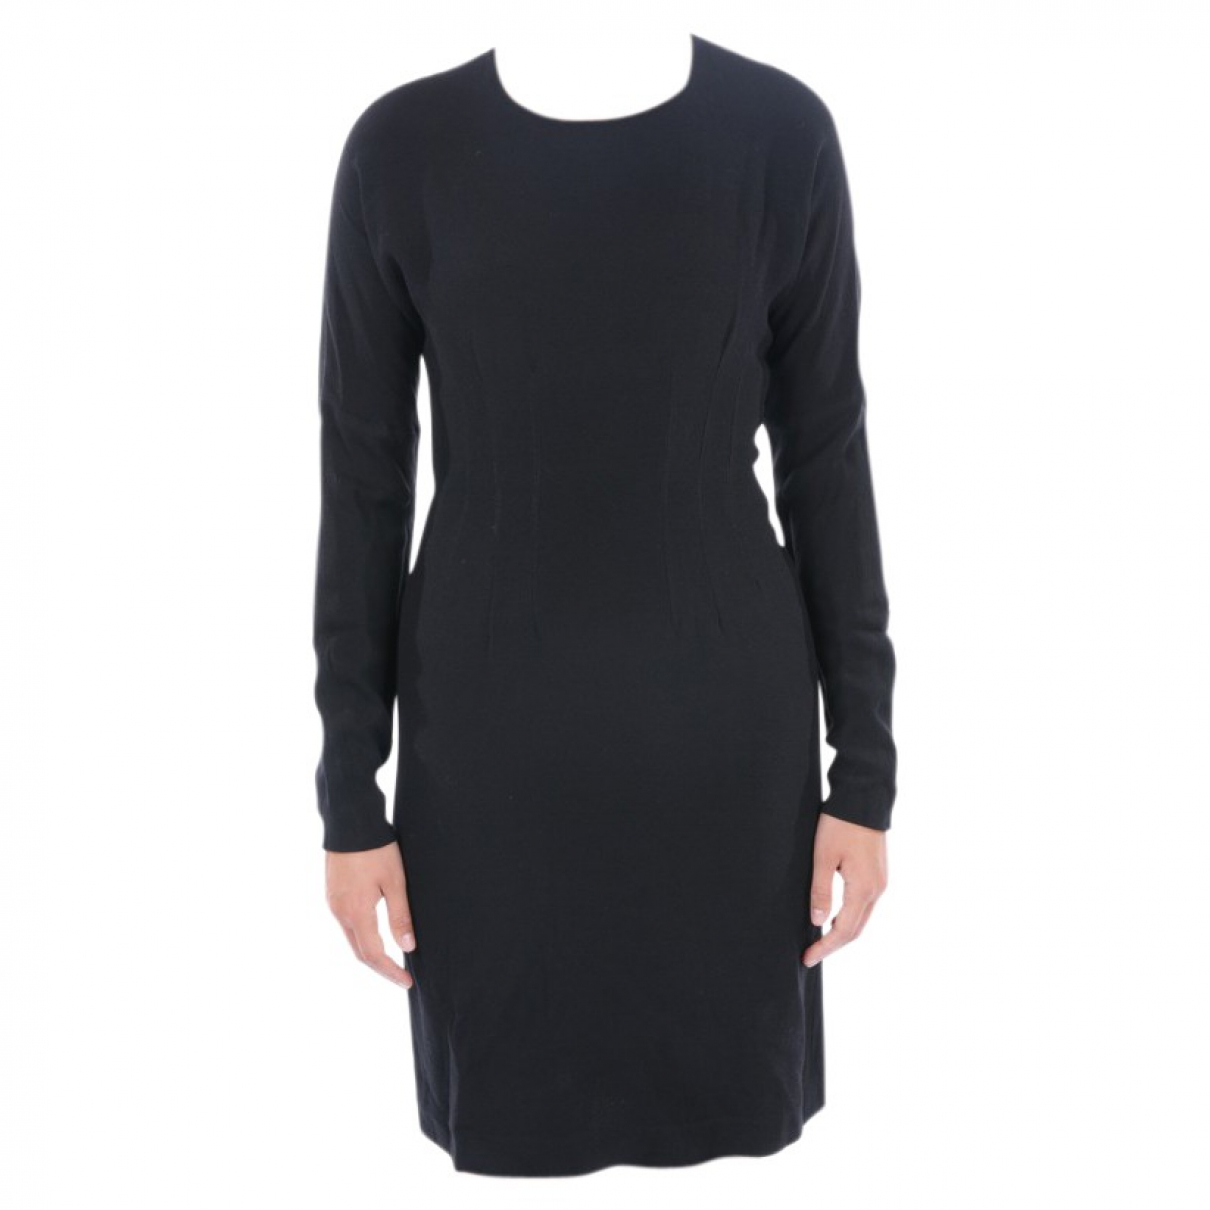 Prada N Black dress for Women 32 FR